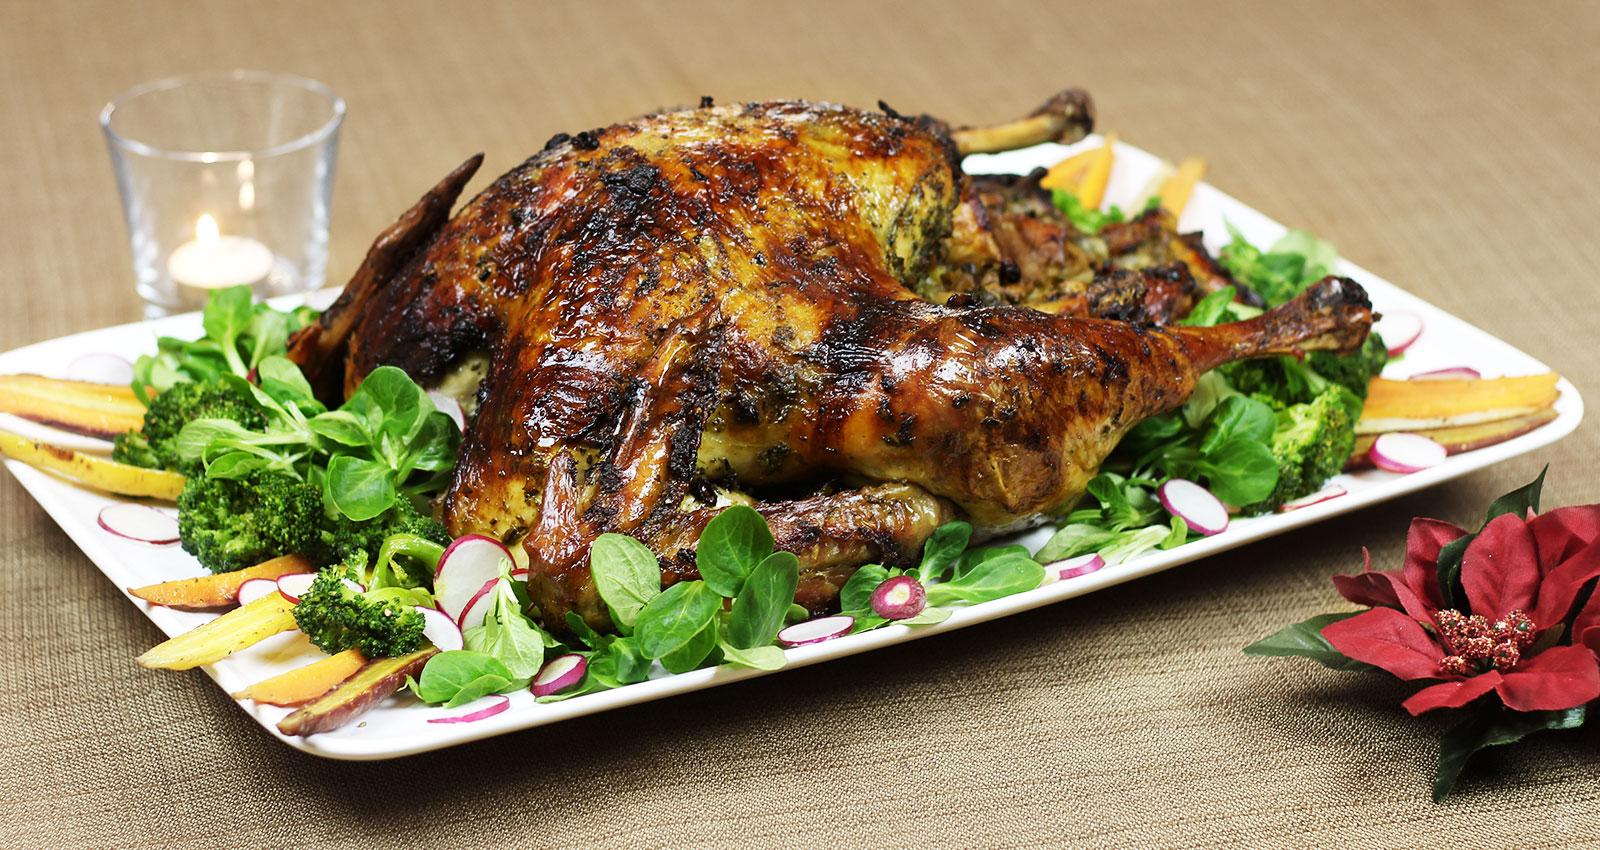 Dinde Assaisonnee A L Haitienne Kedny Cuisine